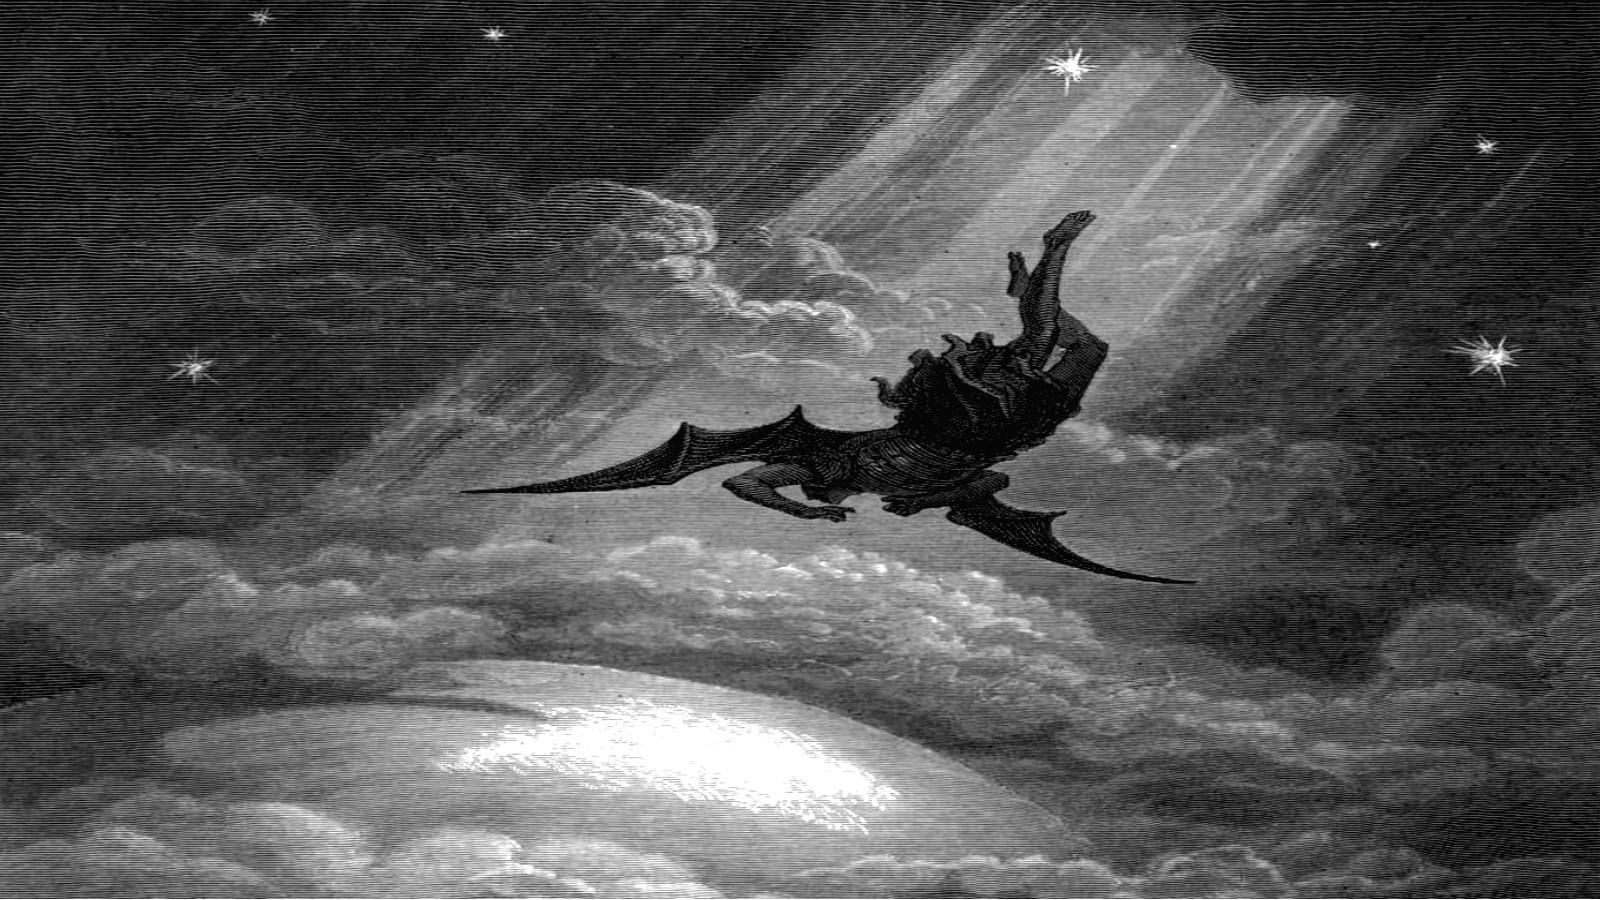 デスクトップ壁紙 ルシファー 堕天使 闇 翼 地球の雰囲気 黒と